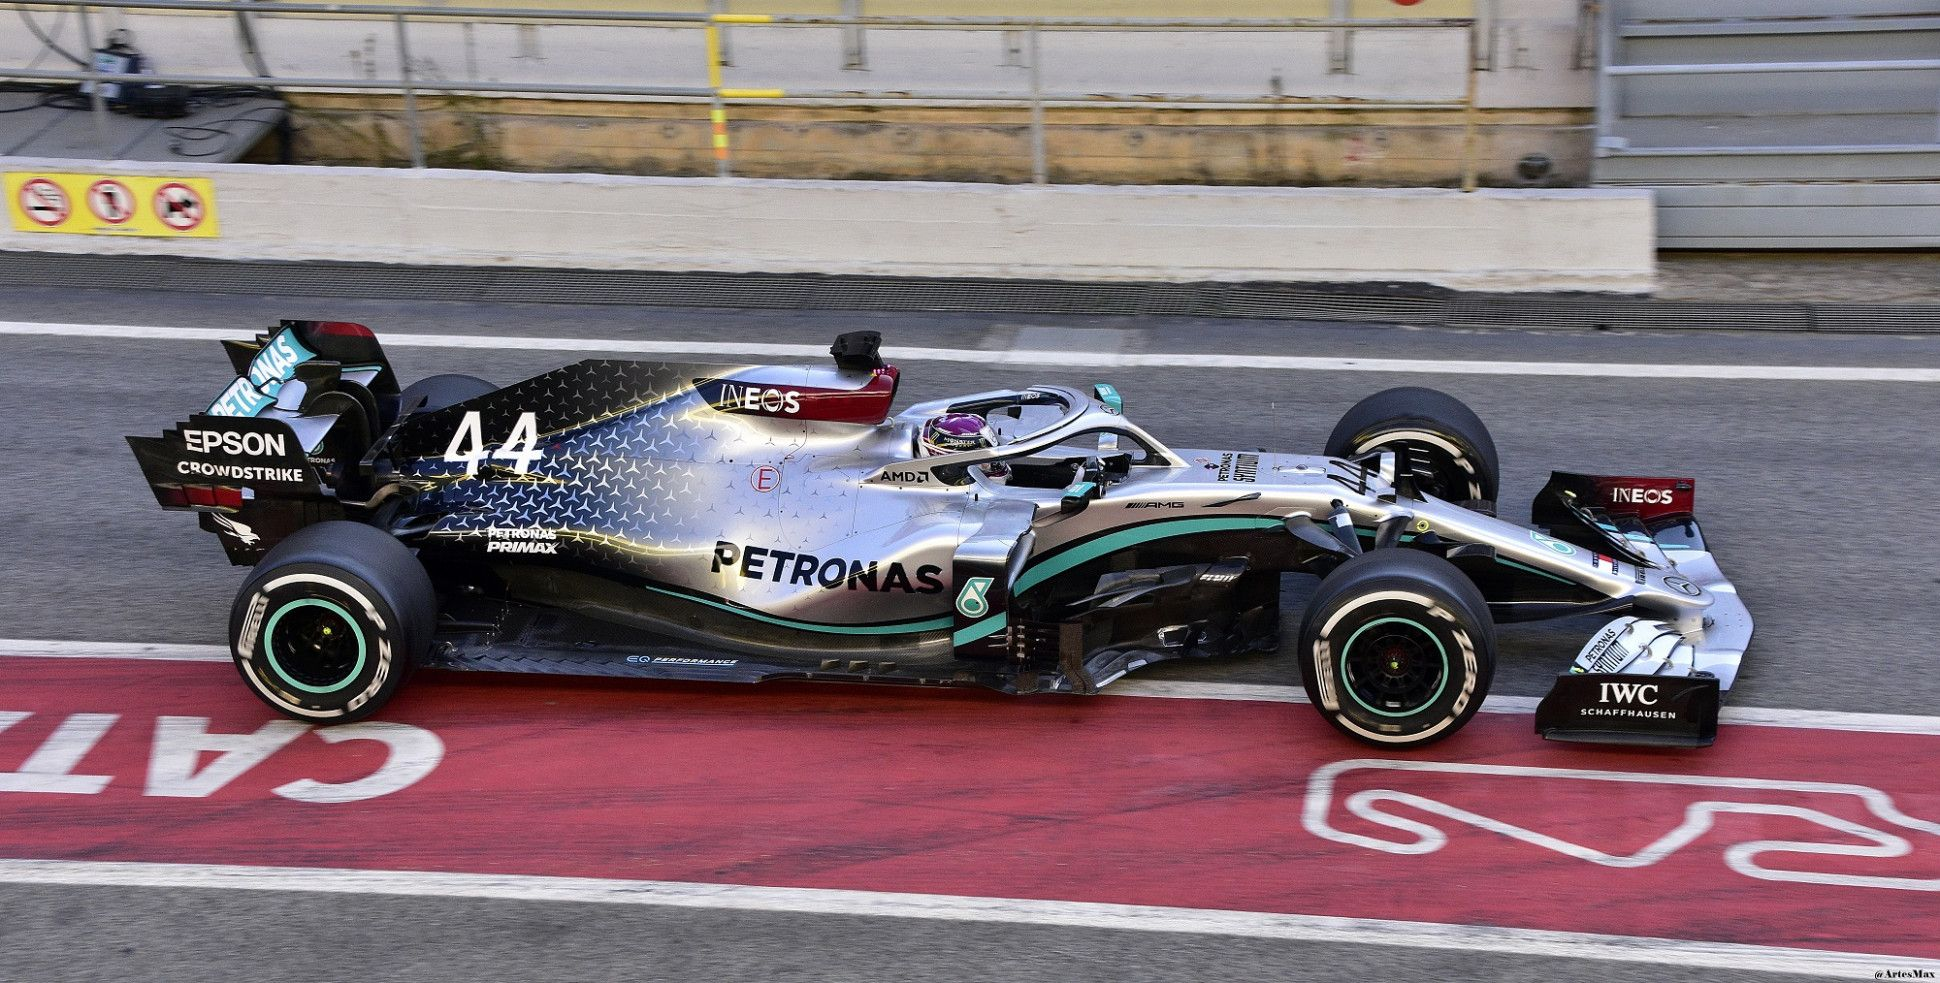 11 Wallpaper 2020 Mercedes Formula 1 Car in 2020 Formula